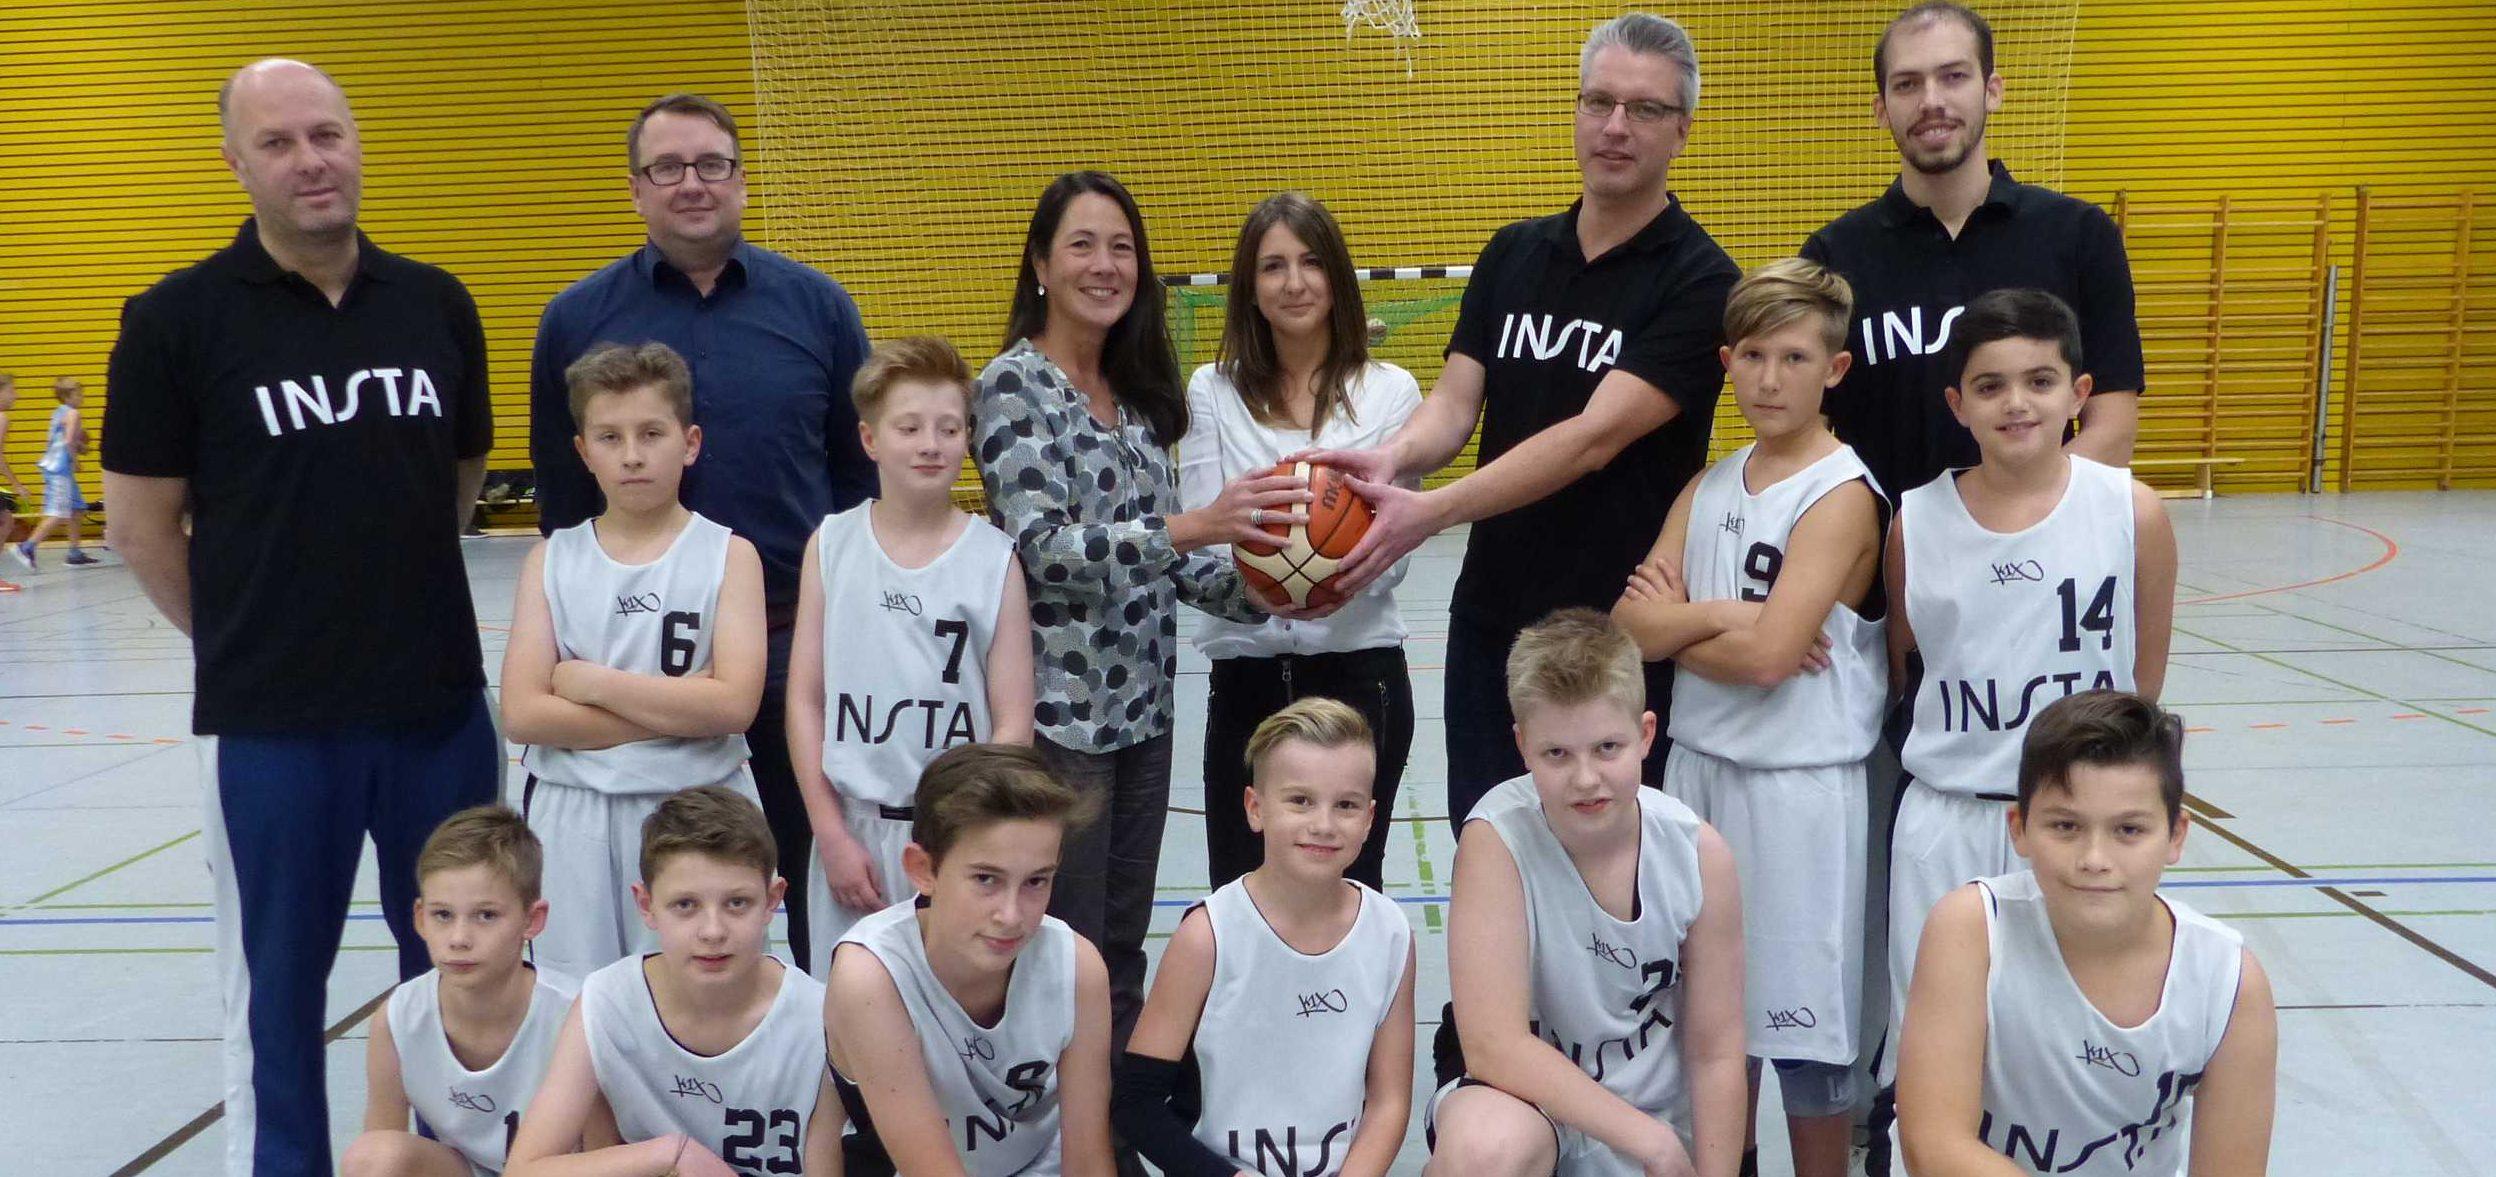 Insta Lüdenscheid business baskets begrüßen insta als neuen partner baskets lüdenscheid